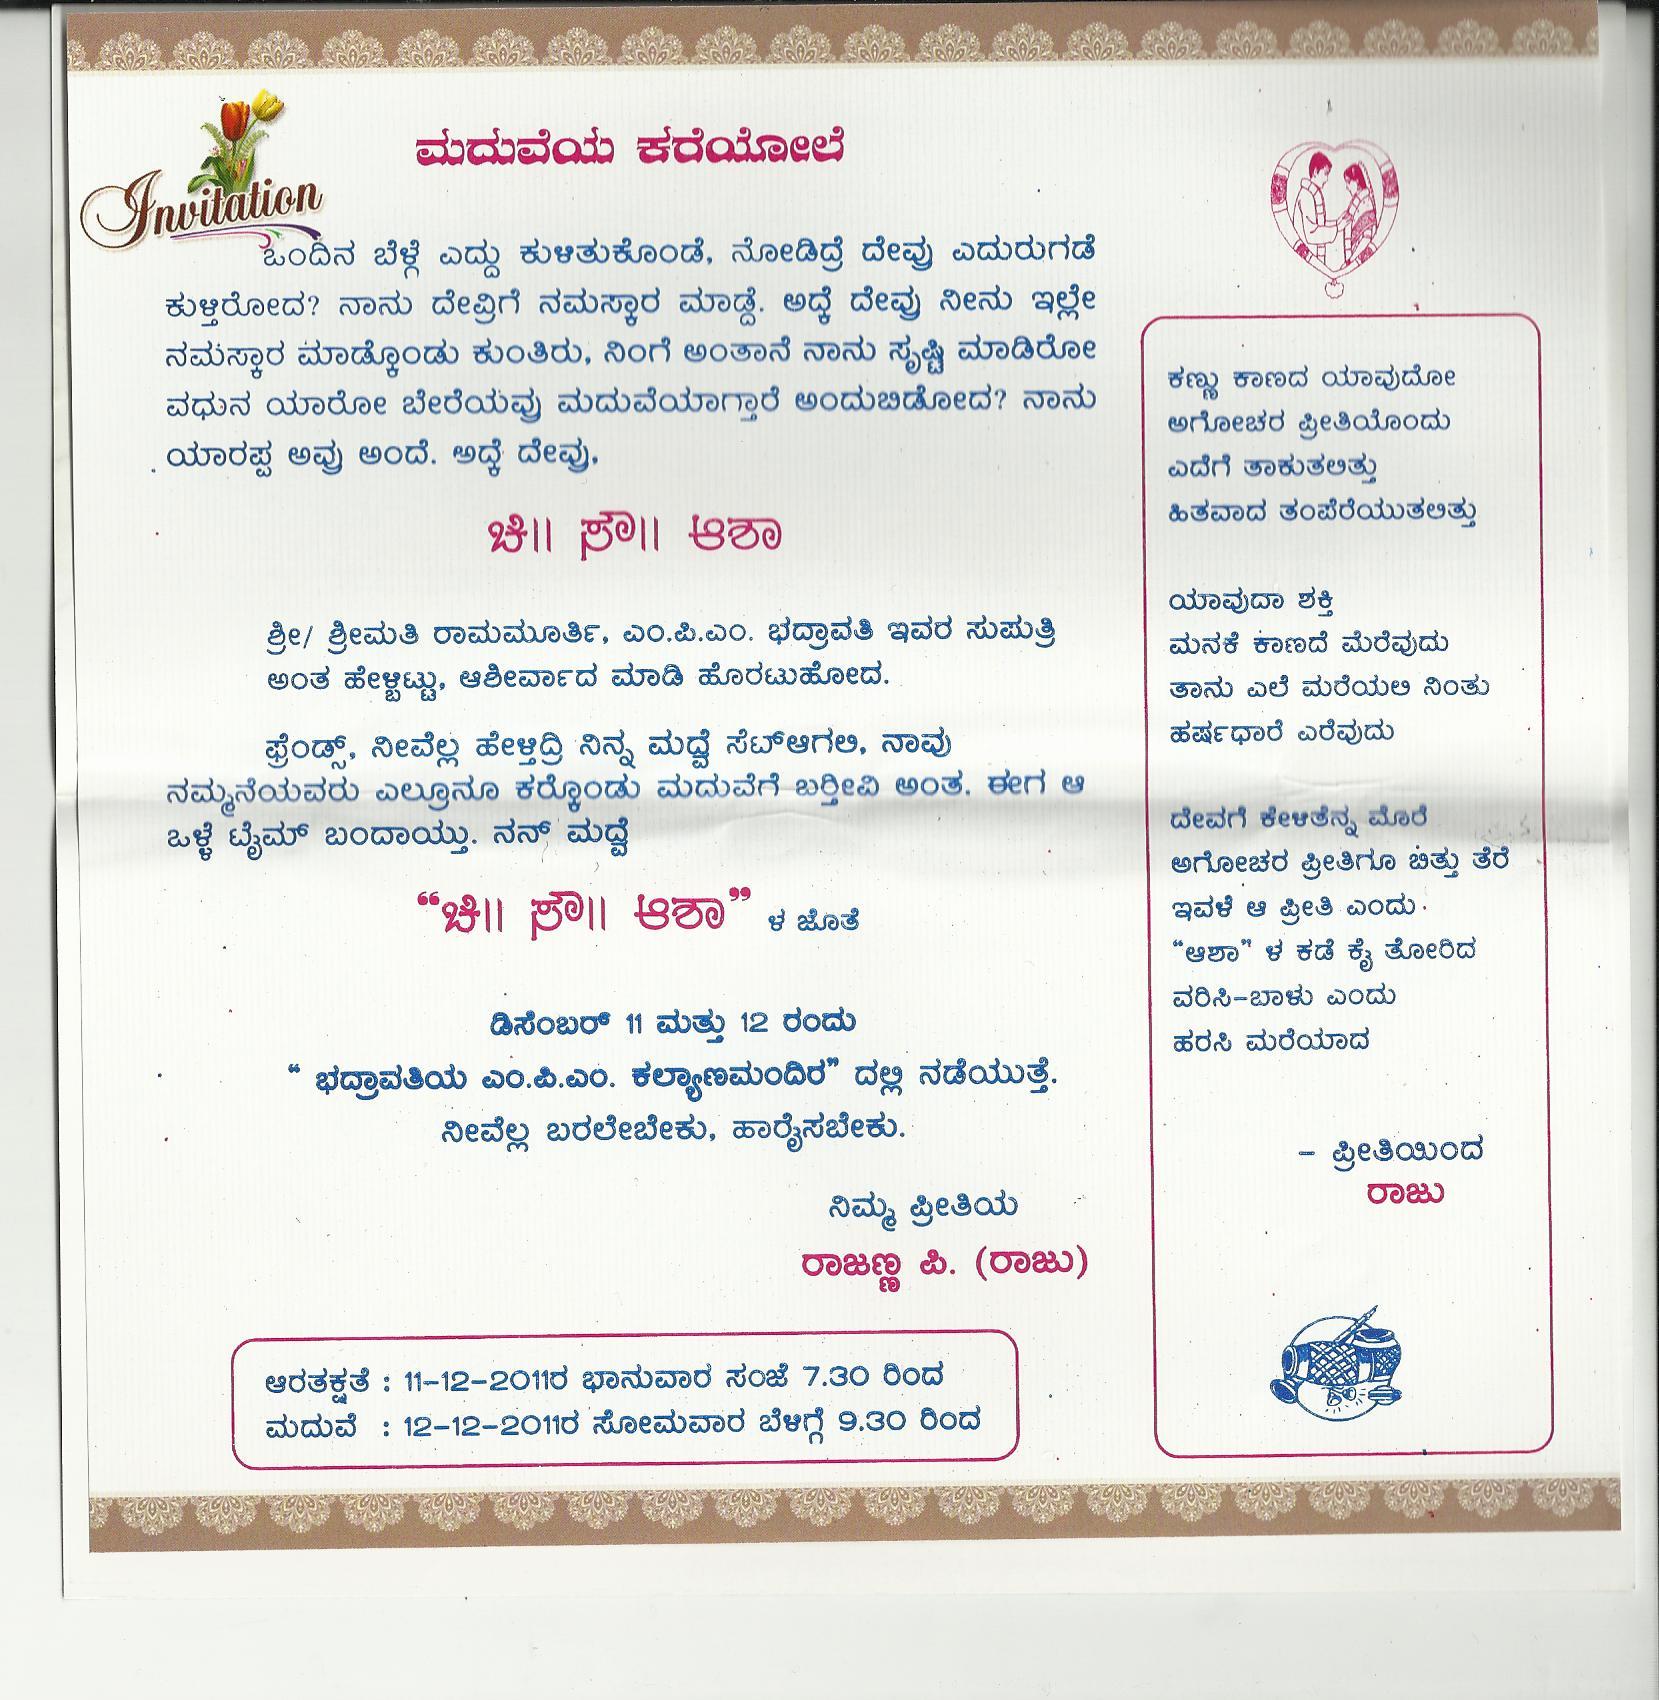 Pin Kavanagalu In Kannada Ajilbabcom Portal on Pinterest